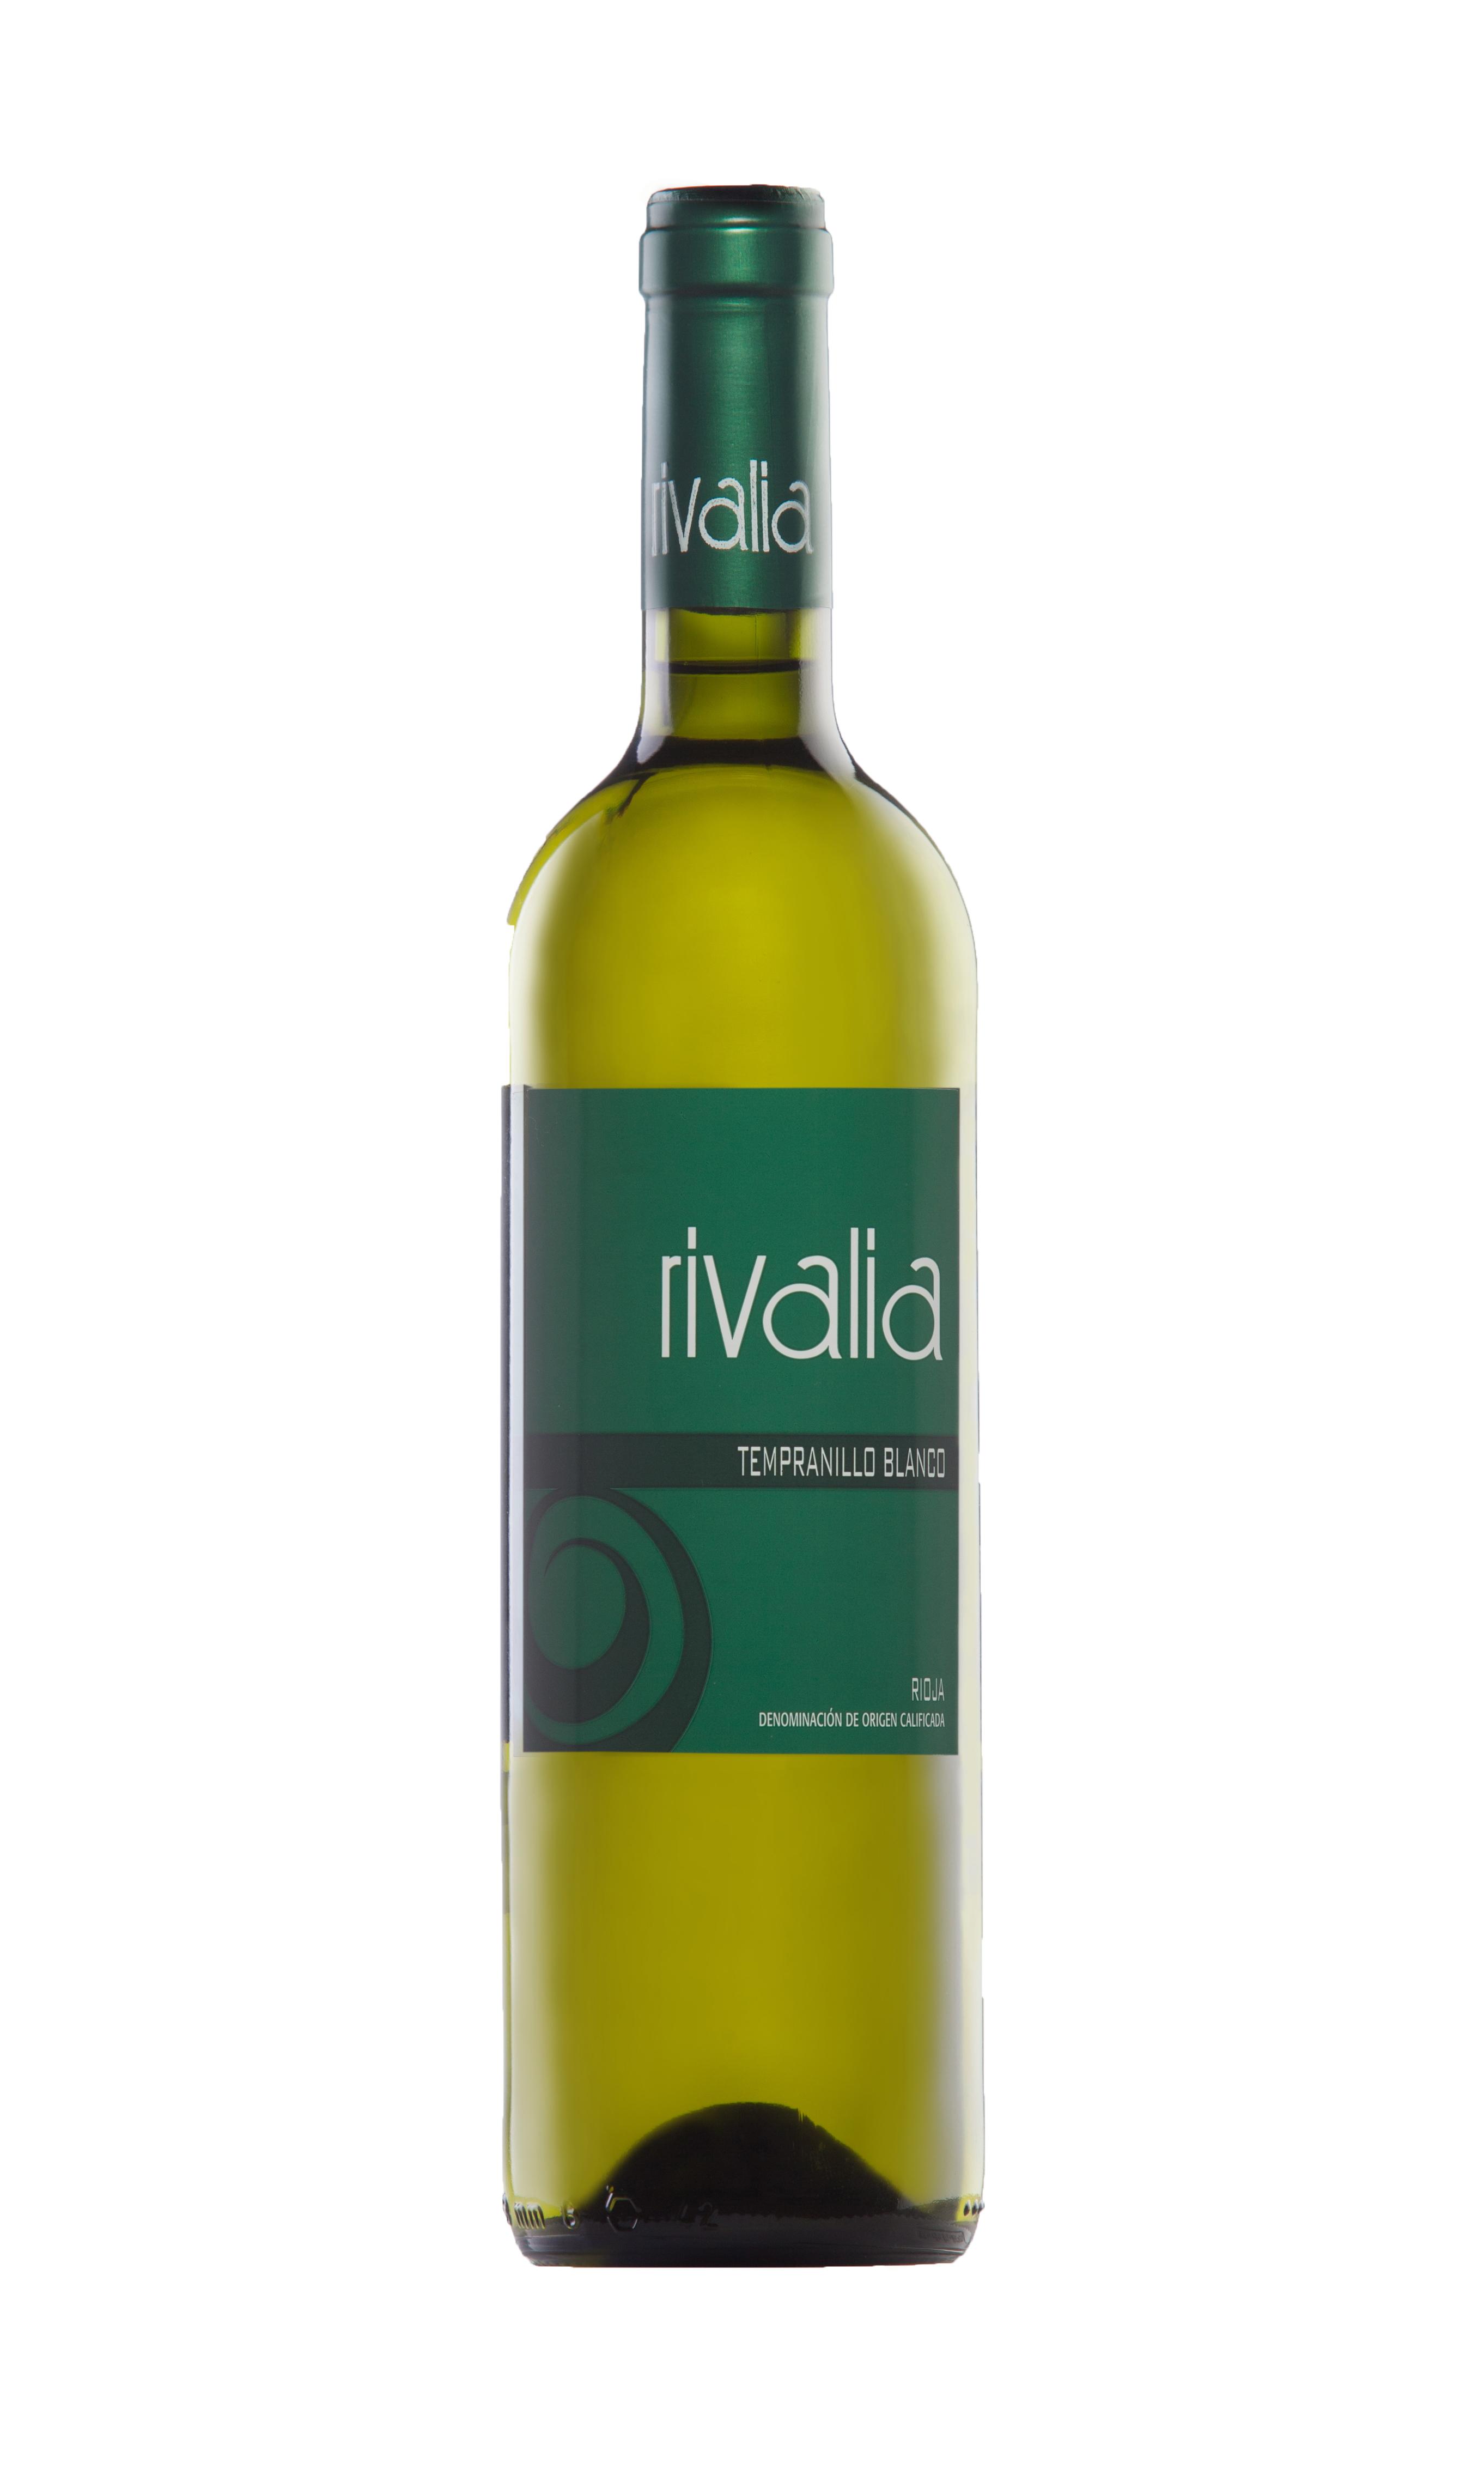 Rivalia Tempranillo Blanco 2016